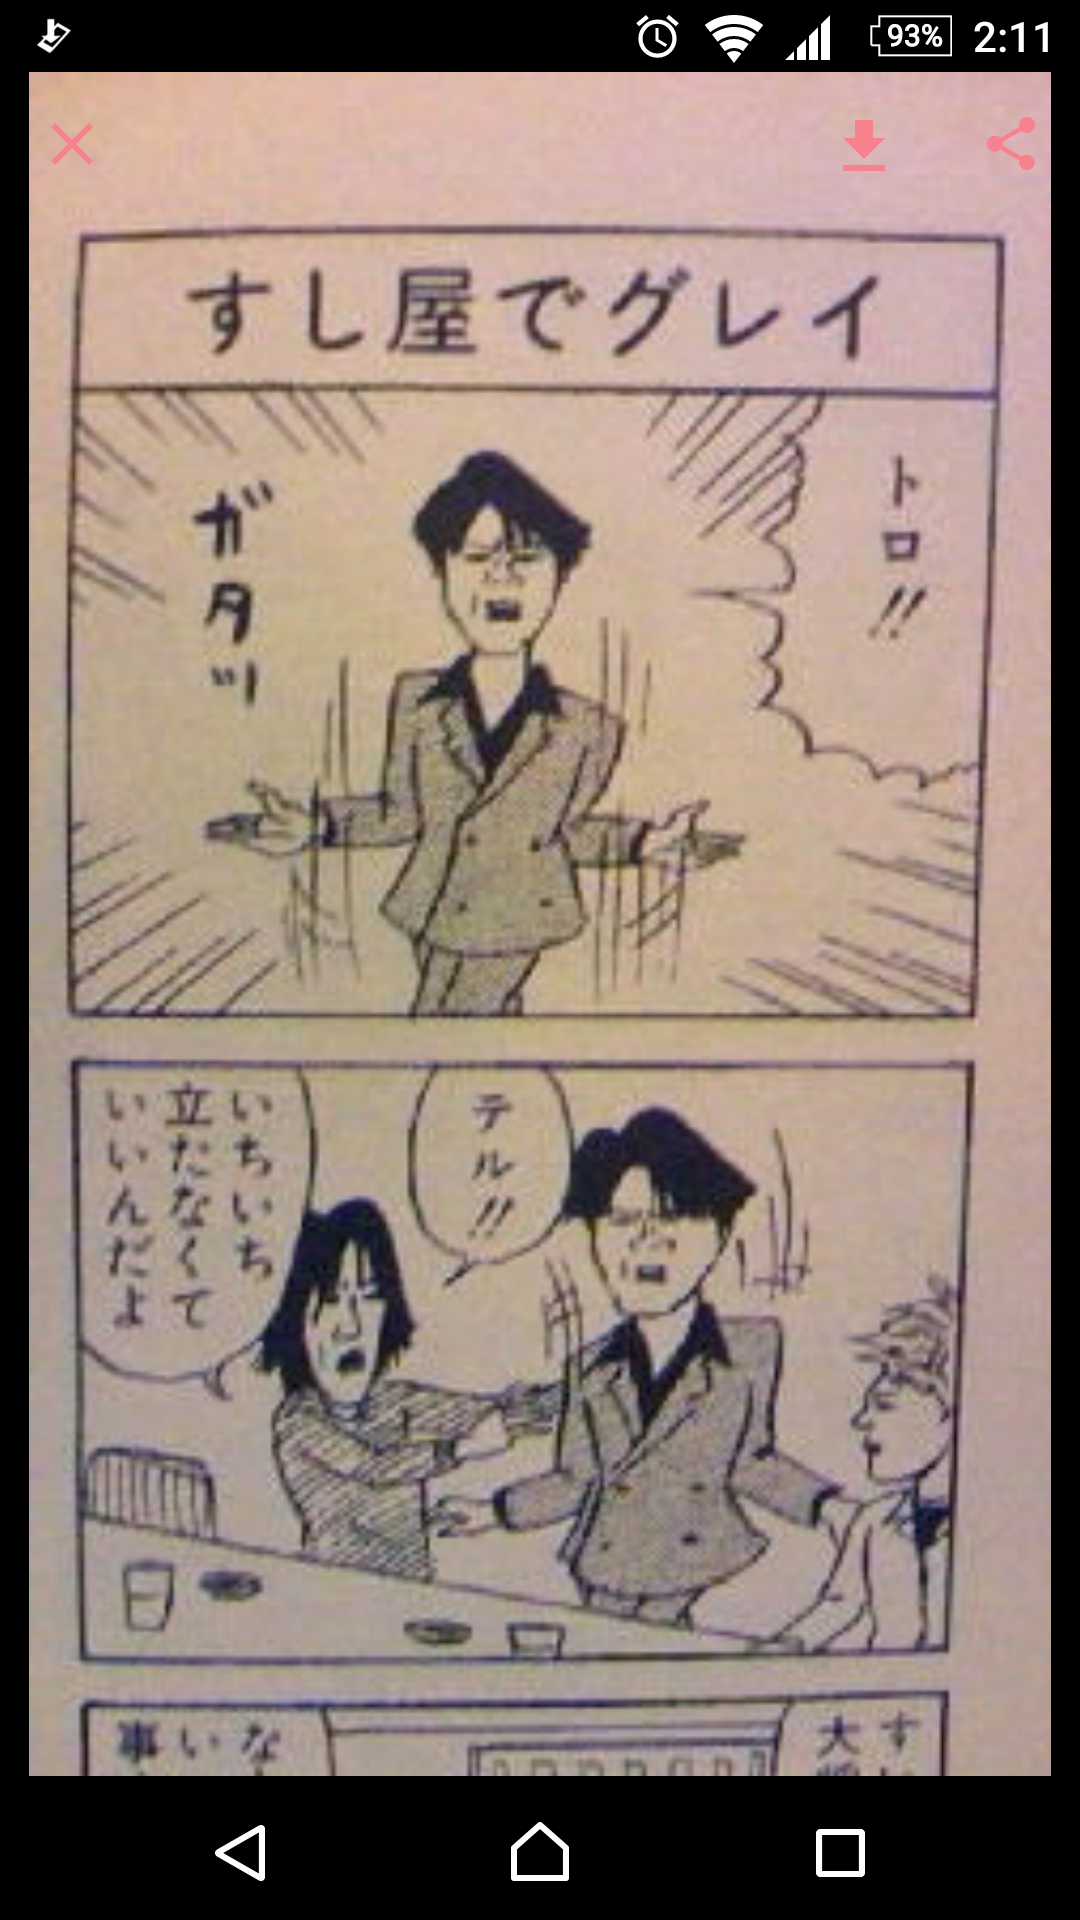 声を出して笑ったガルちゃんの投稿 Part8